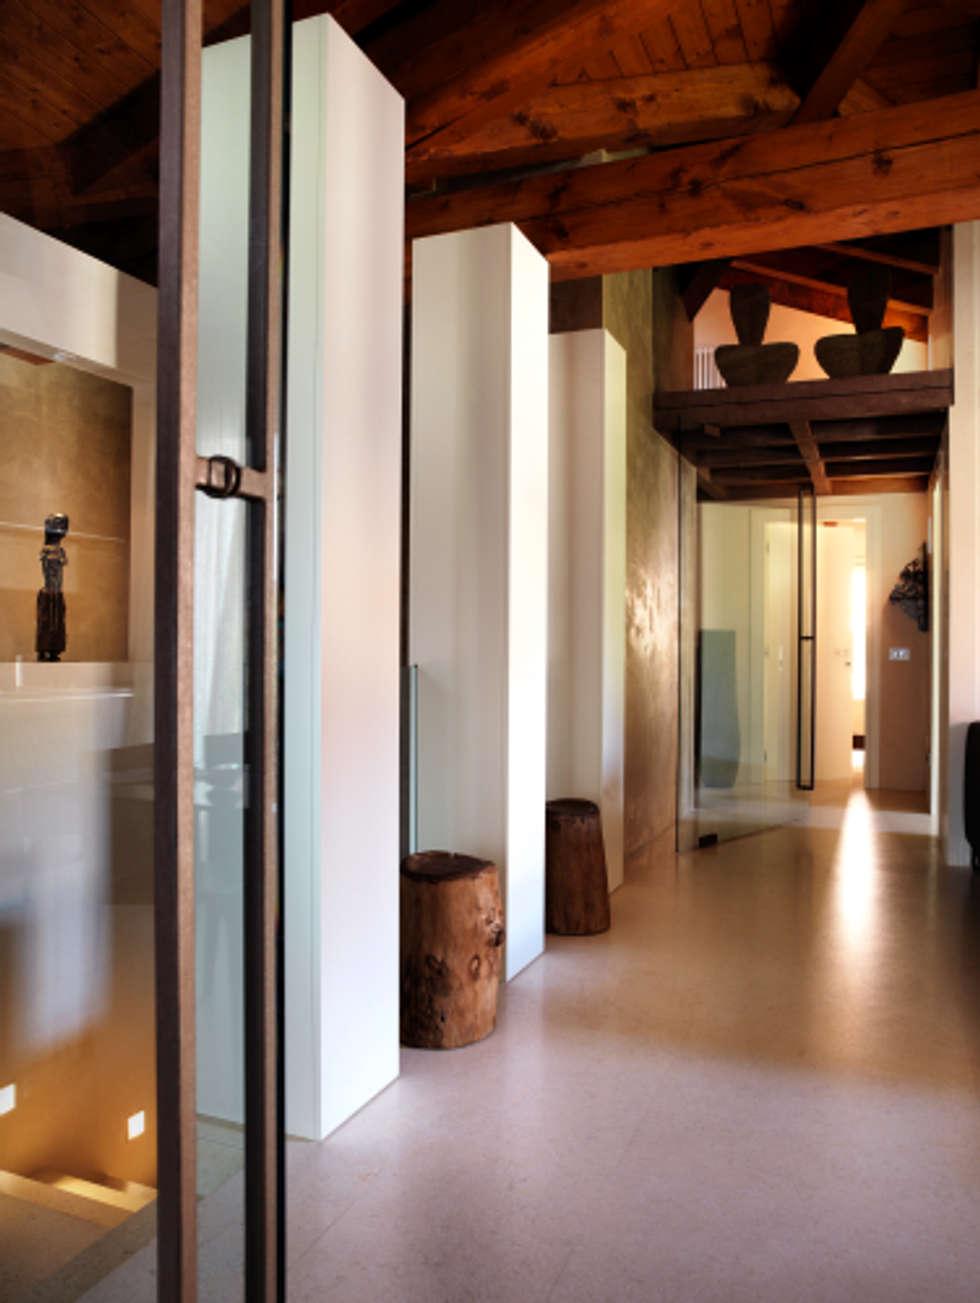 Corridoio con soppalco: Ingresso & Corridoio in stile  di Daniele Franzoni Interior Designer - Architetto d'Interni